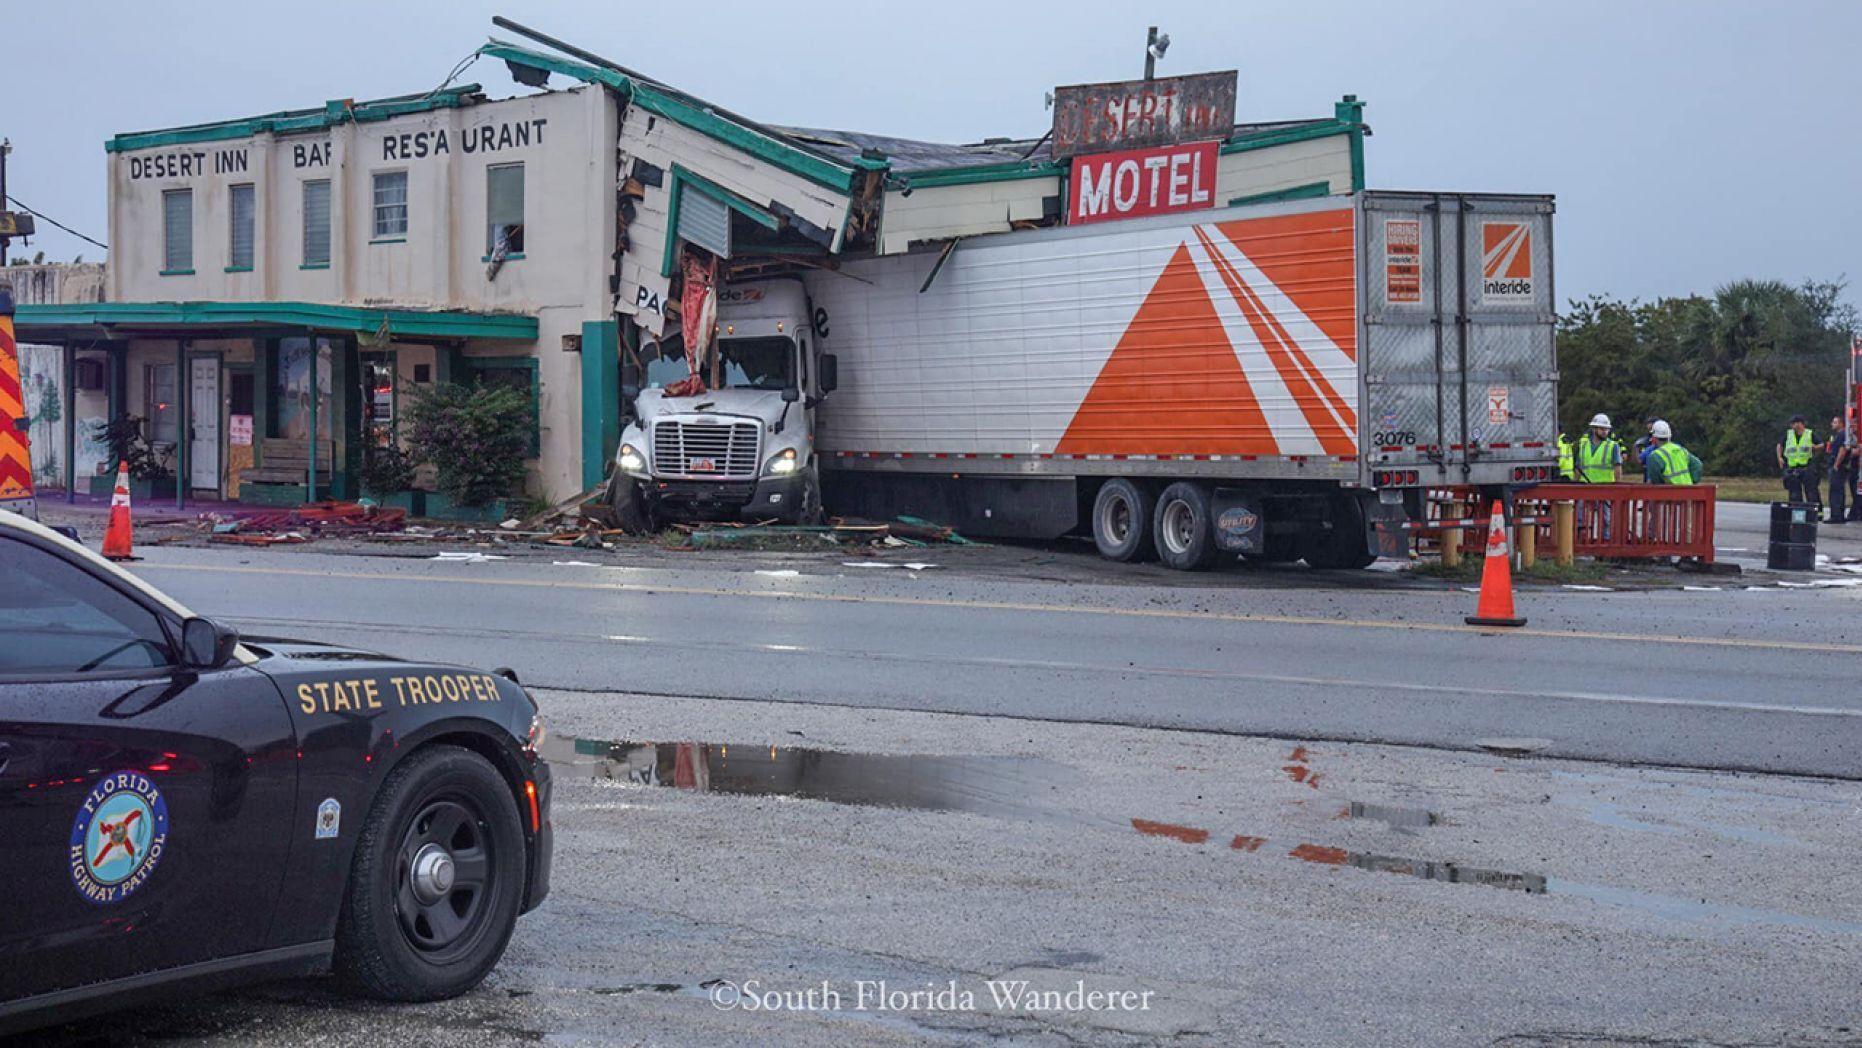 Semi truck crashed into the Desert Inn Restaurant in